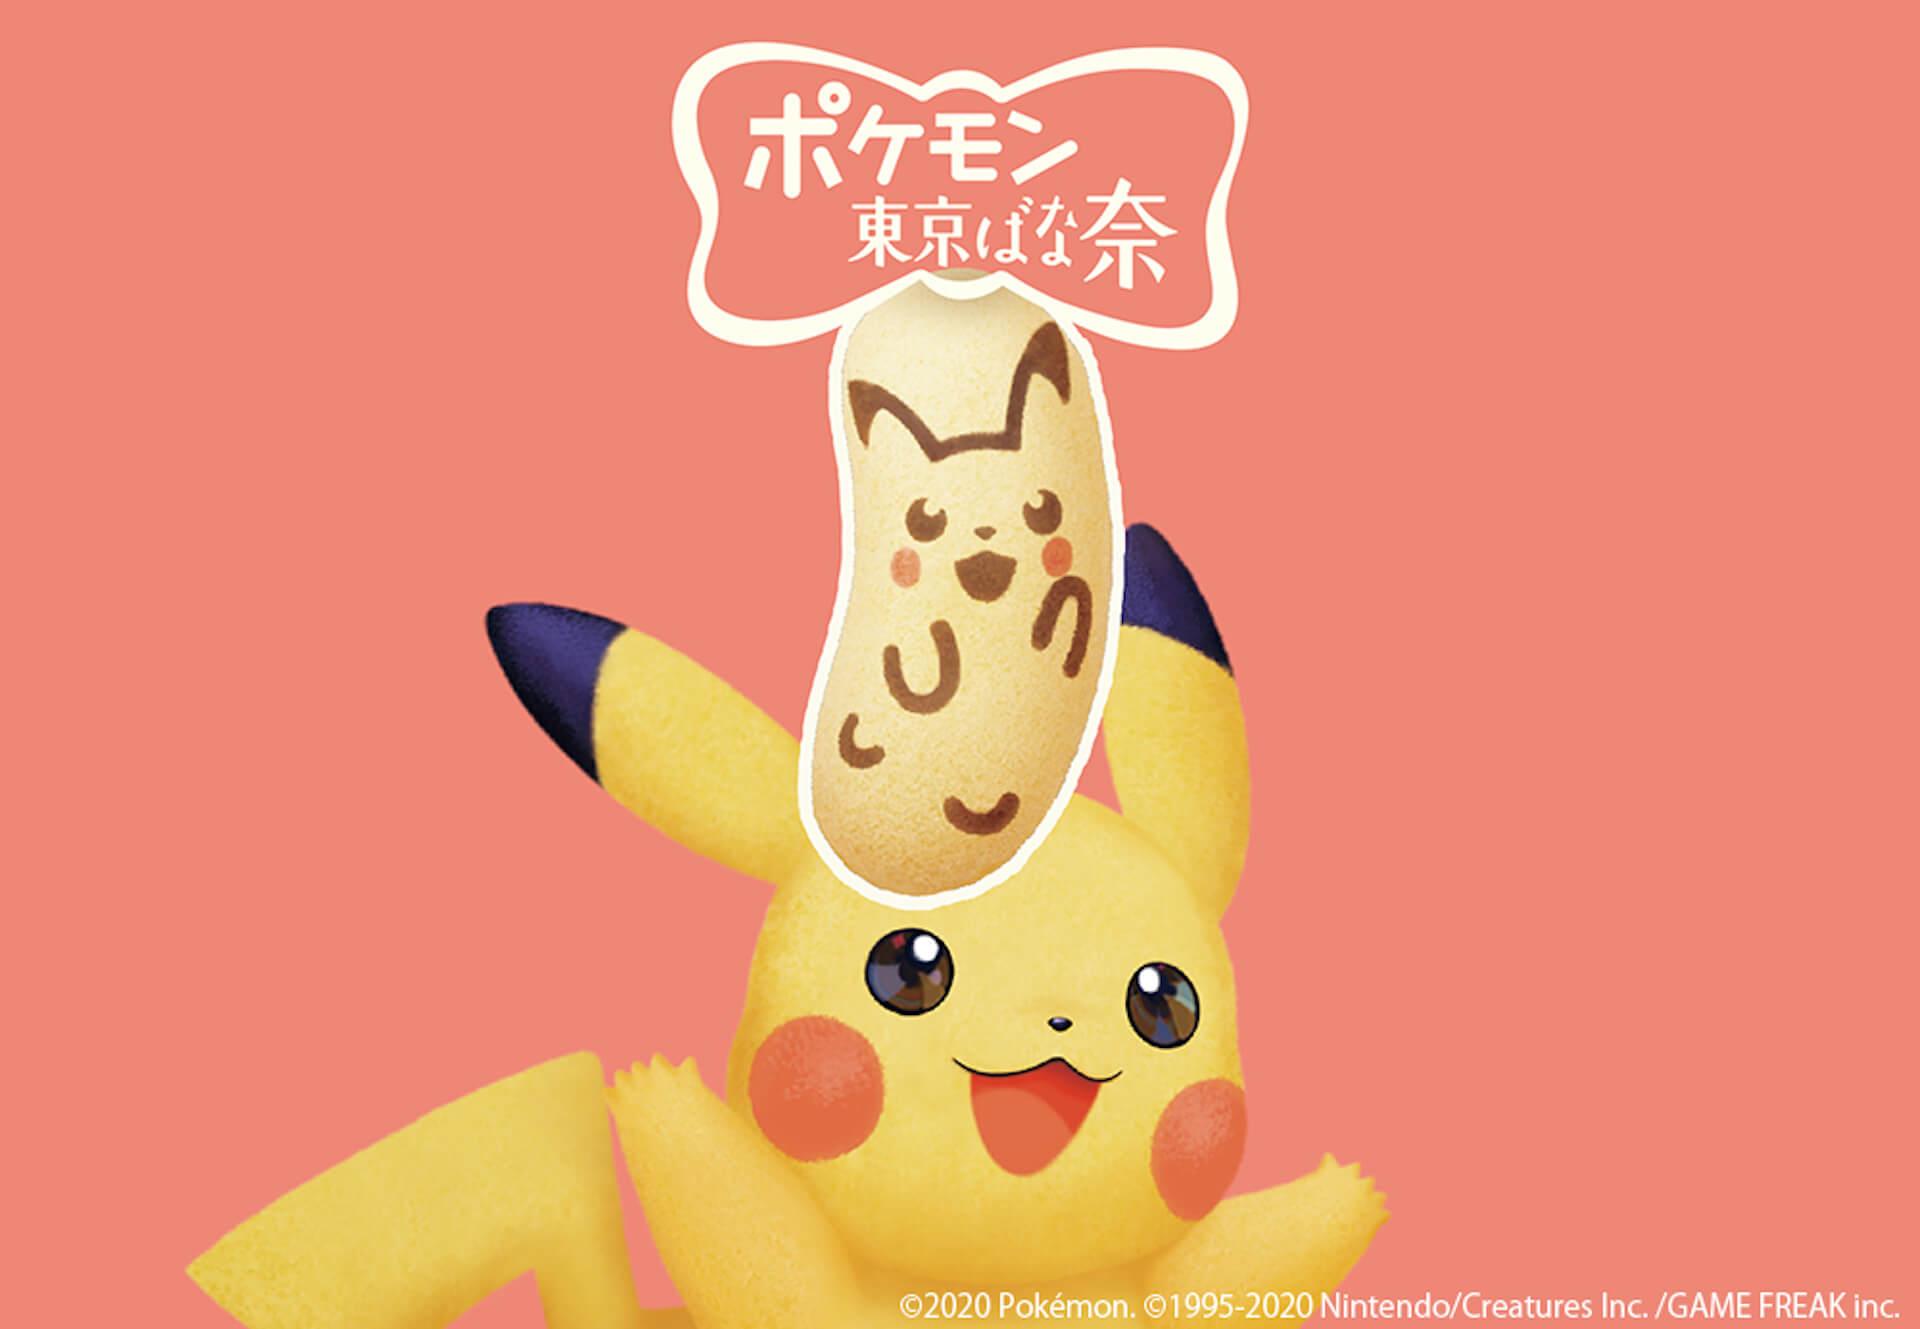 ピカチュウが東京ばな奈になっちゃった!?「ポケモン東京ばな奈」第1弾商品「ピカチュウ東京ばな奈」が北海道、東北などで数量限定先行発売 gourmet201124_tokyobanana_pokemon_17